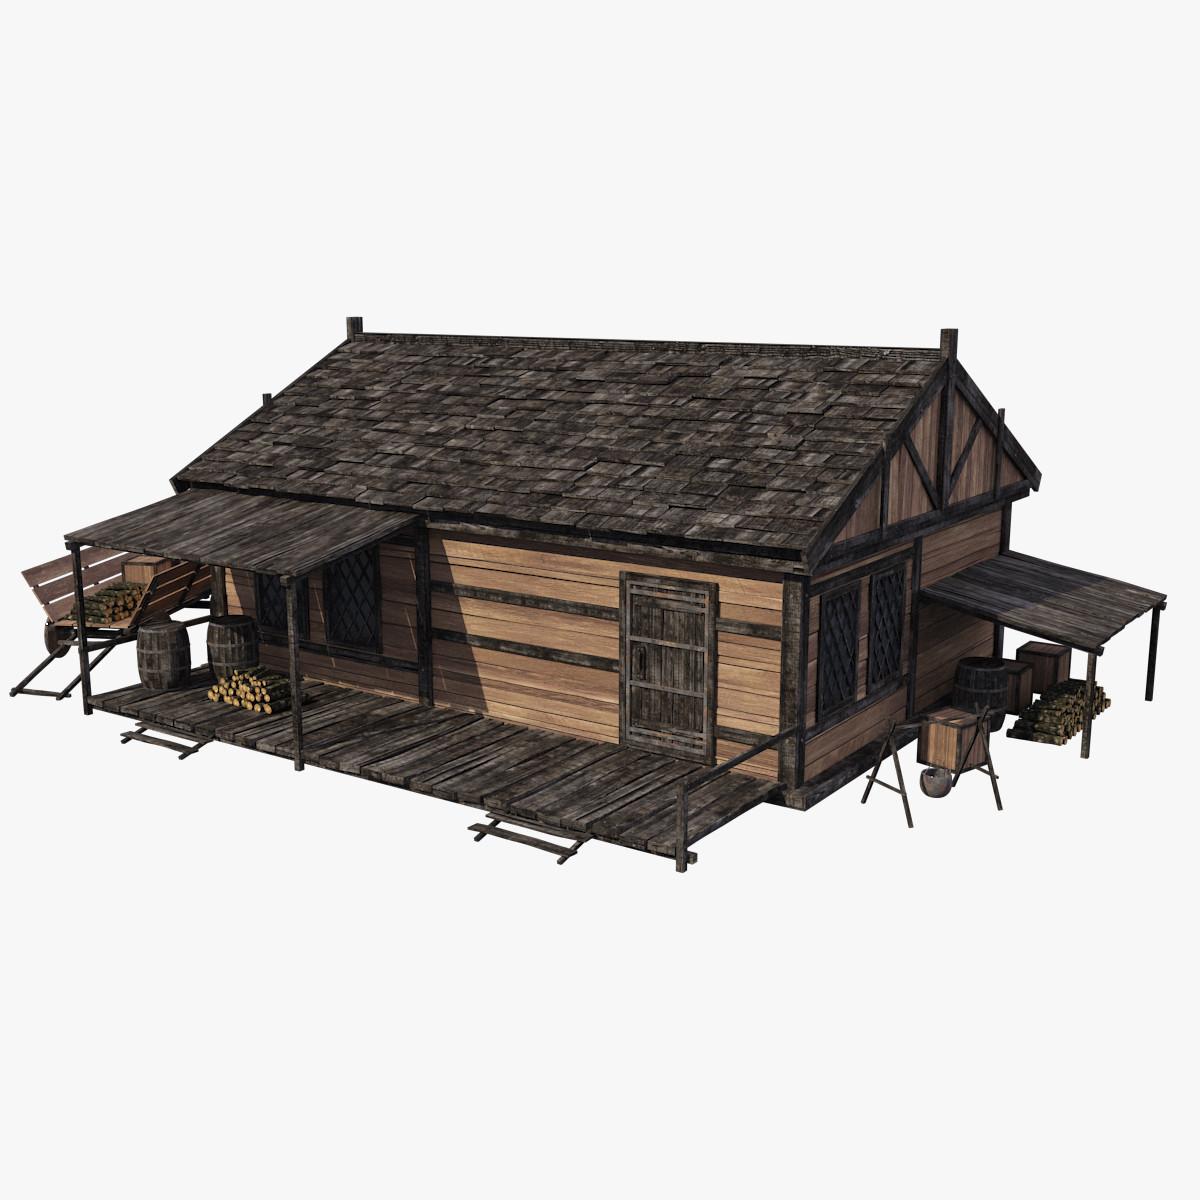 medieval_house_render1.jpg